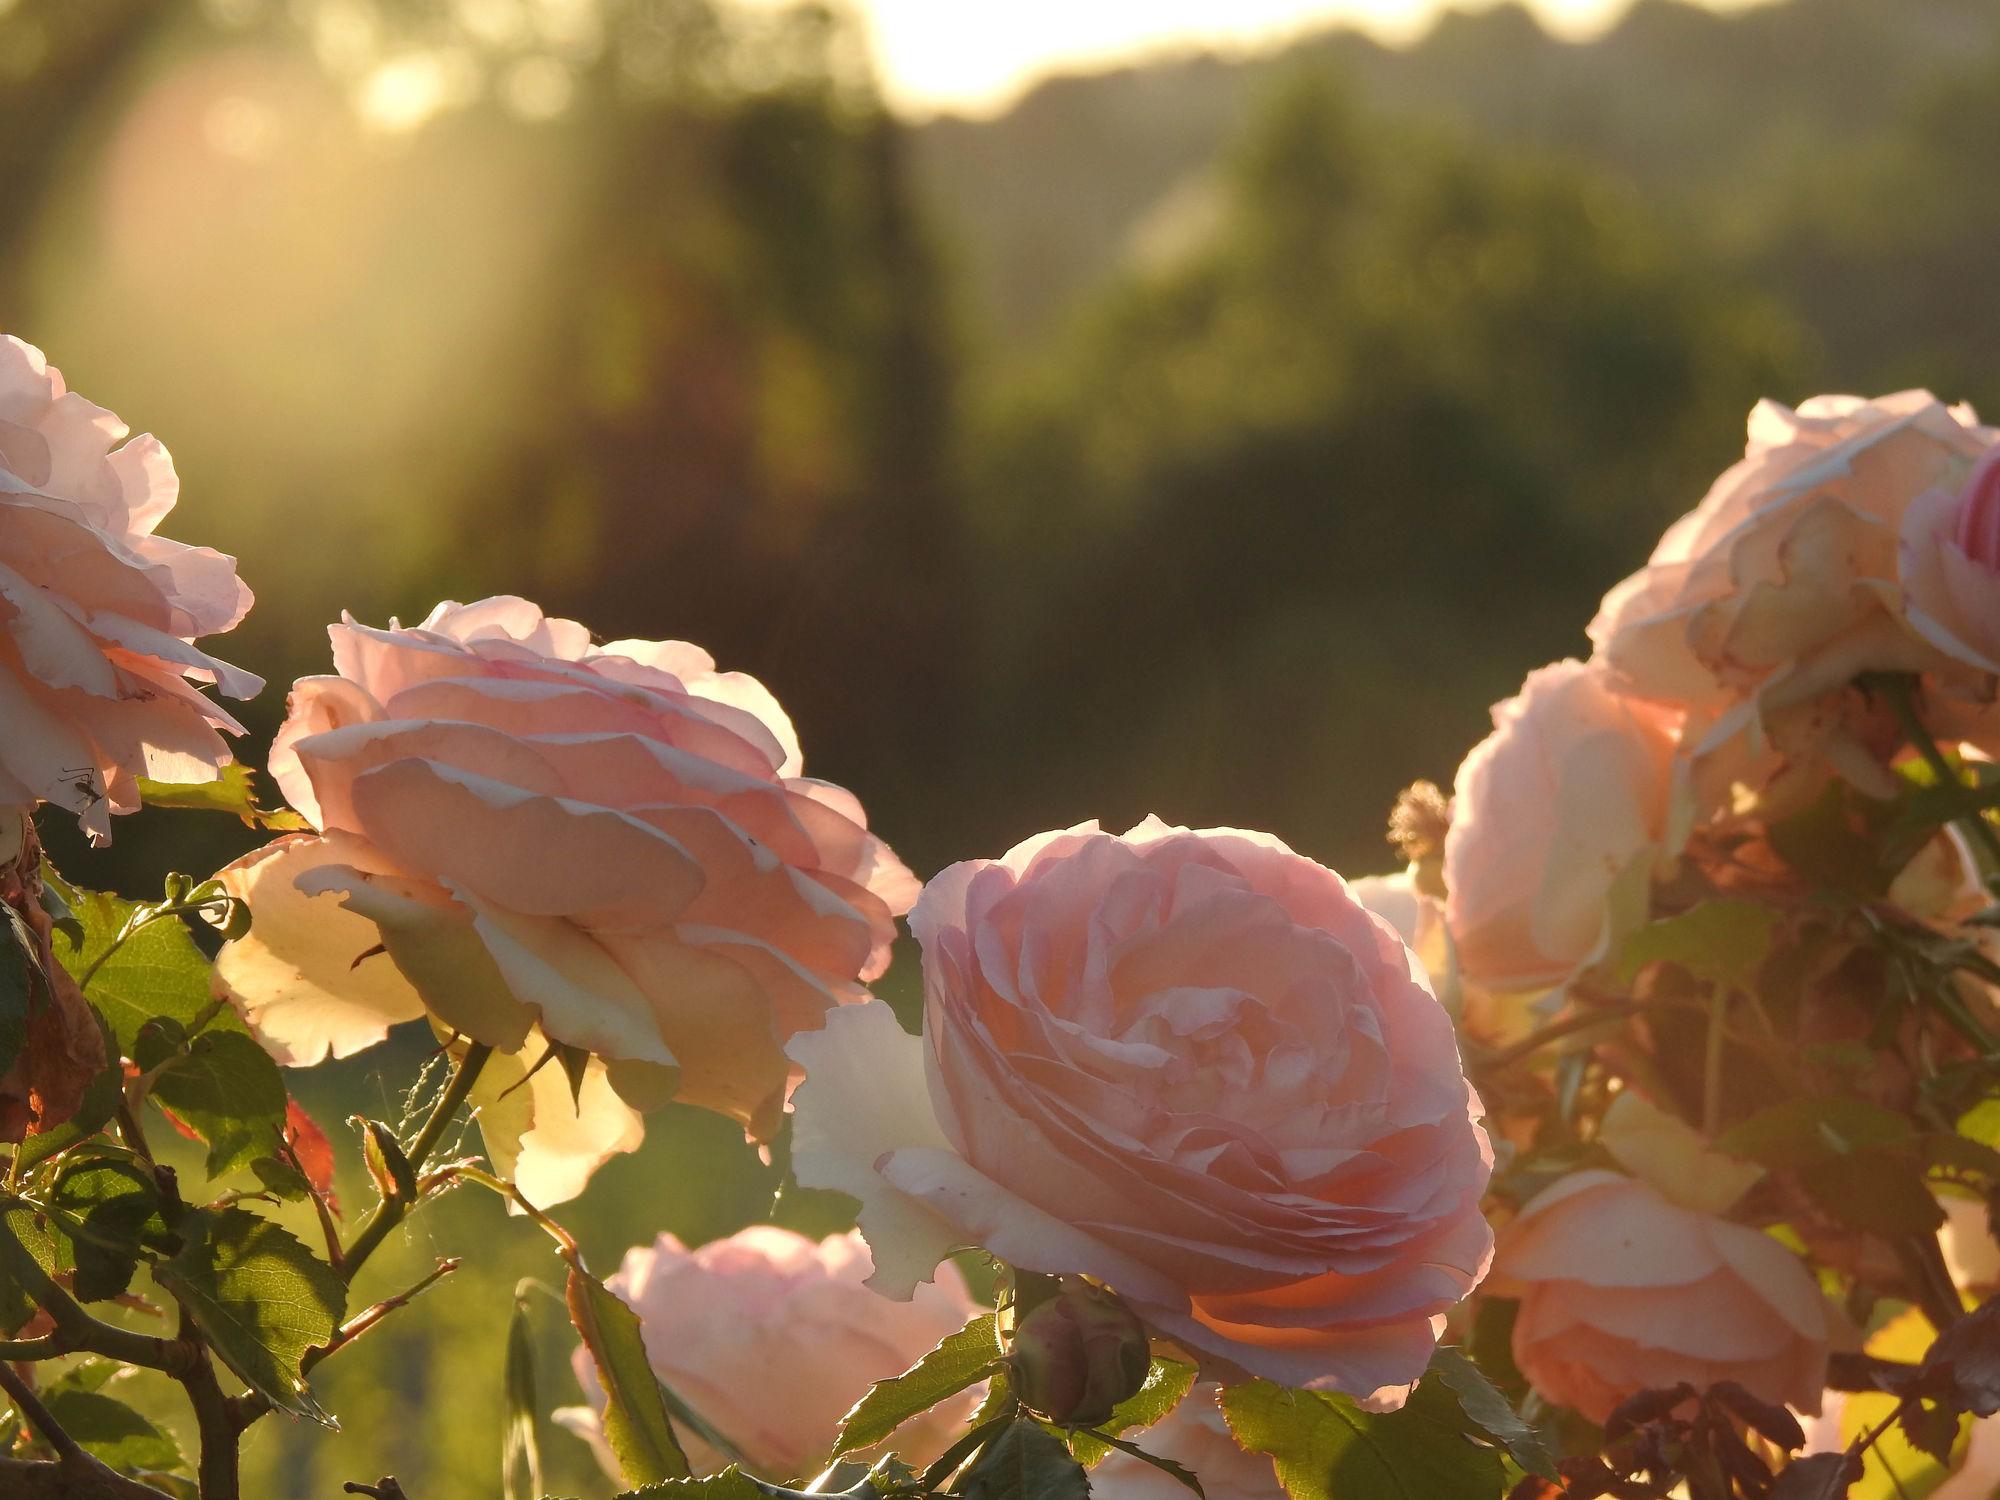 Bild mit Pflanzen, Blumen, Rosen, Sonnenschein, Blume, Pflanze, Rose, Roses, Pflanze für Schönheit und Gesundheit, Sonnenstrahlen, Sonnenlicht